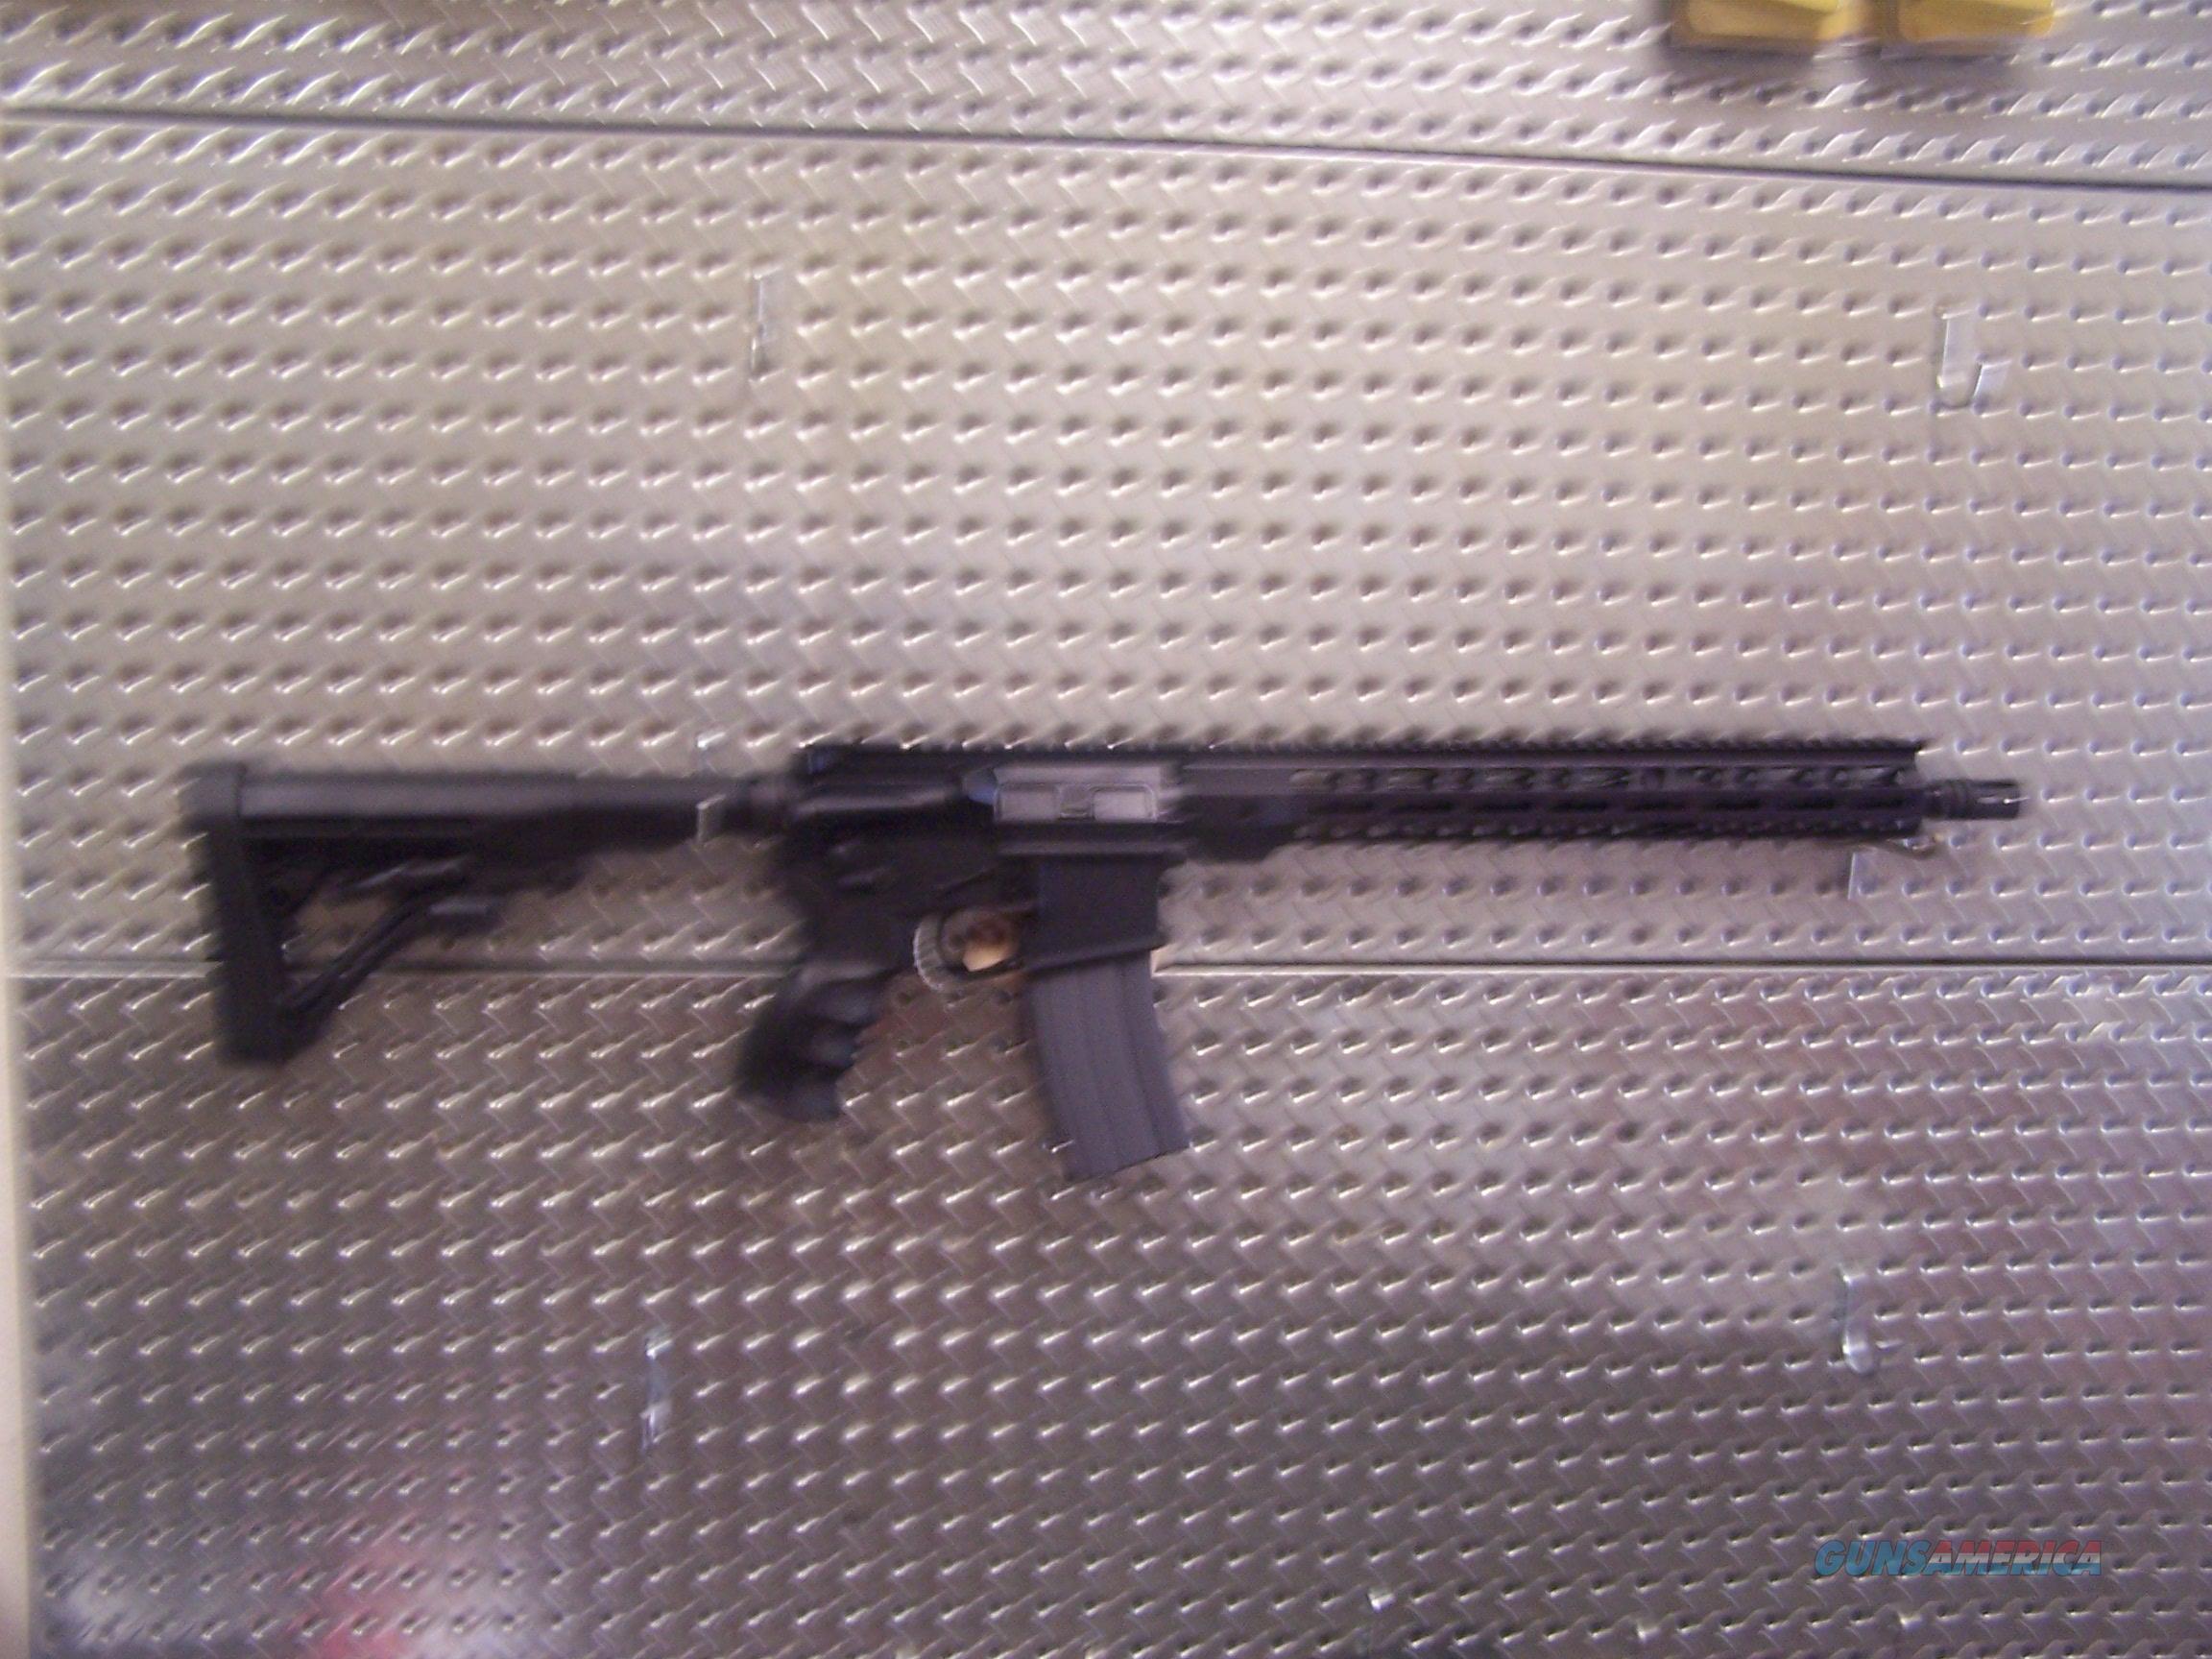 CUSTOM BUILT AR15. .223/5.56. LOTS OF GOOD STUFF AND WELL BUILT. NEVER BEEN FIRED!!!  Guns > Rifles > PQ Misc Rifles